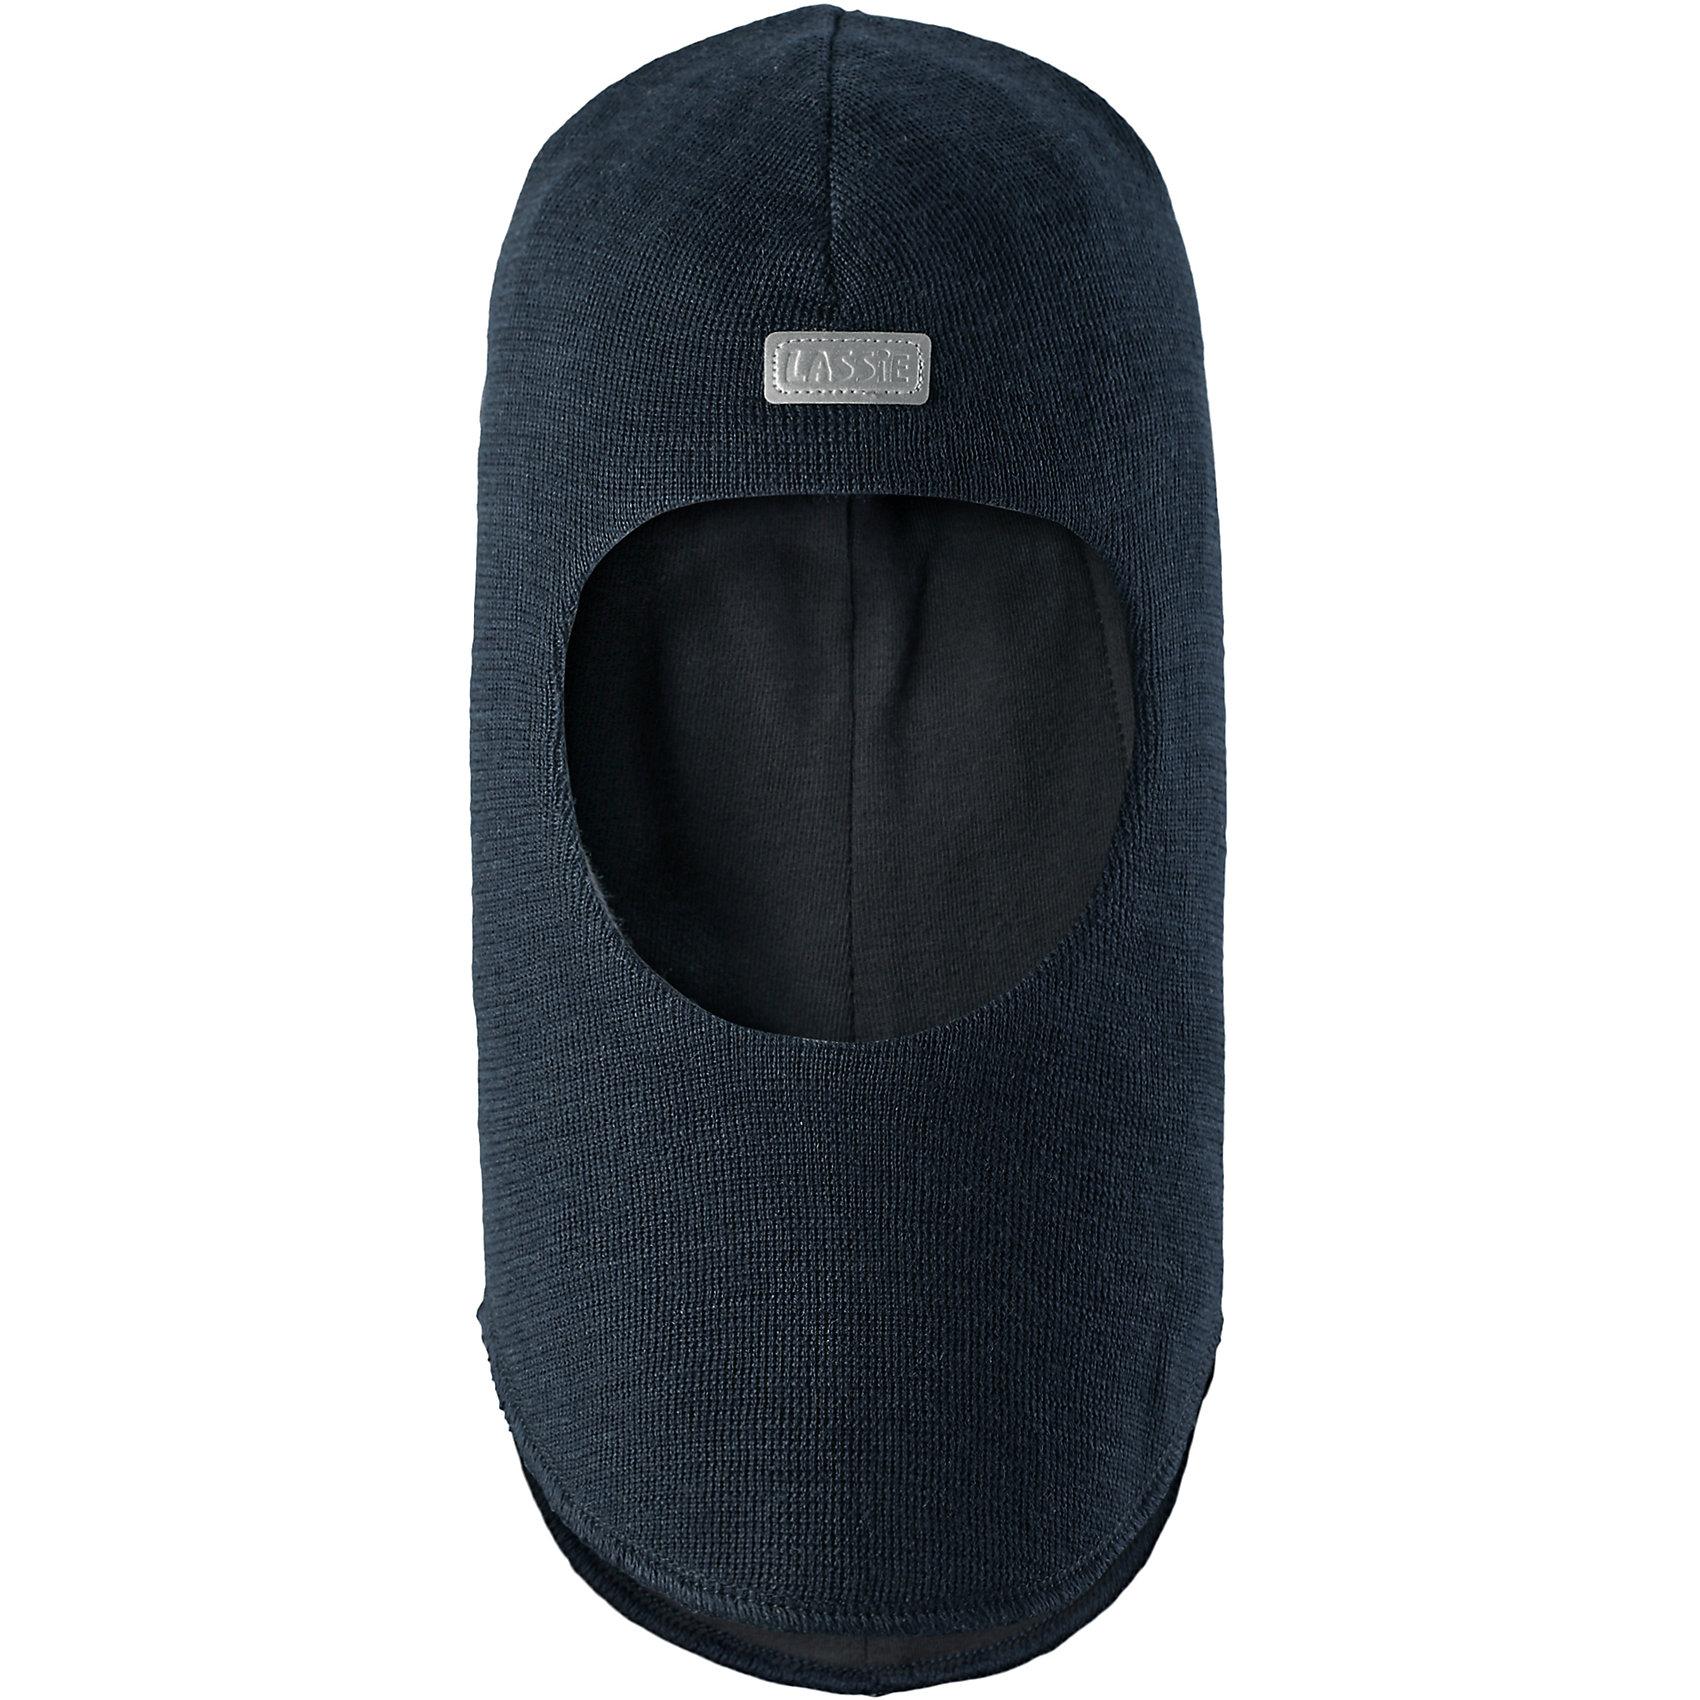 Шапка LASSIEШапки и шарфы<br>Шапка-шлем для малышей известной финской марки.<br><br>Температурный режим: от -0 до -15 градусов. Степень утепления – средняя. <br><br>* Температурный режим указан приблизительно — необходимо, прежде всего, ориентироваться на ощущения ребенка. <br><br>- Мягкая и теплая ткань из смеси шерсти.<br>- Ветронепроницаемые вставки в области ушей.<br>- Мягкая подкладка из хлопка и эластана.  <br>- Светоотражающая эмблема Lassie® спереди.<br><br> Рекомендации по уходу: Придать первоначальную форму вo влажном виде. Возможна усадка 5 %.<br><br>Состав: 50% Шерсть, 50% полиакрил.<br><br>Ширина мм: 89<br>Глубина мм: 117<br>Высота мм: 44<br>Вес г: 155<br>Цвет: черный<br>Возраст от месяцев: 6<br>Возраст до месяцев: 12<br>Пол: Мужской<br>Возраст: Детский<br>Размер: 44-46,54-56,50-52,46-48<br>SKU: 4781029